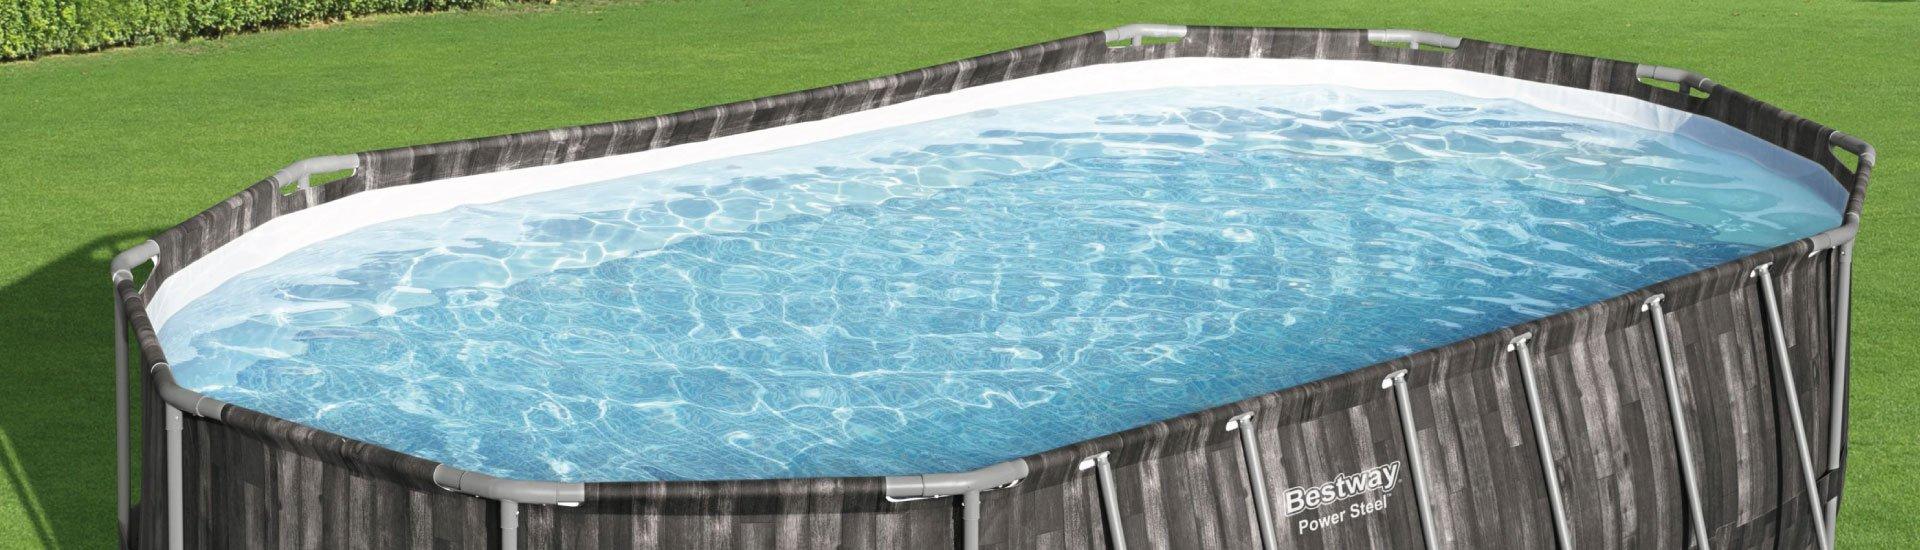 piscine-tubulaire-bestway